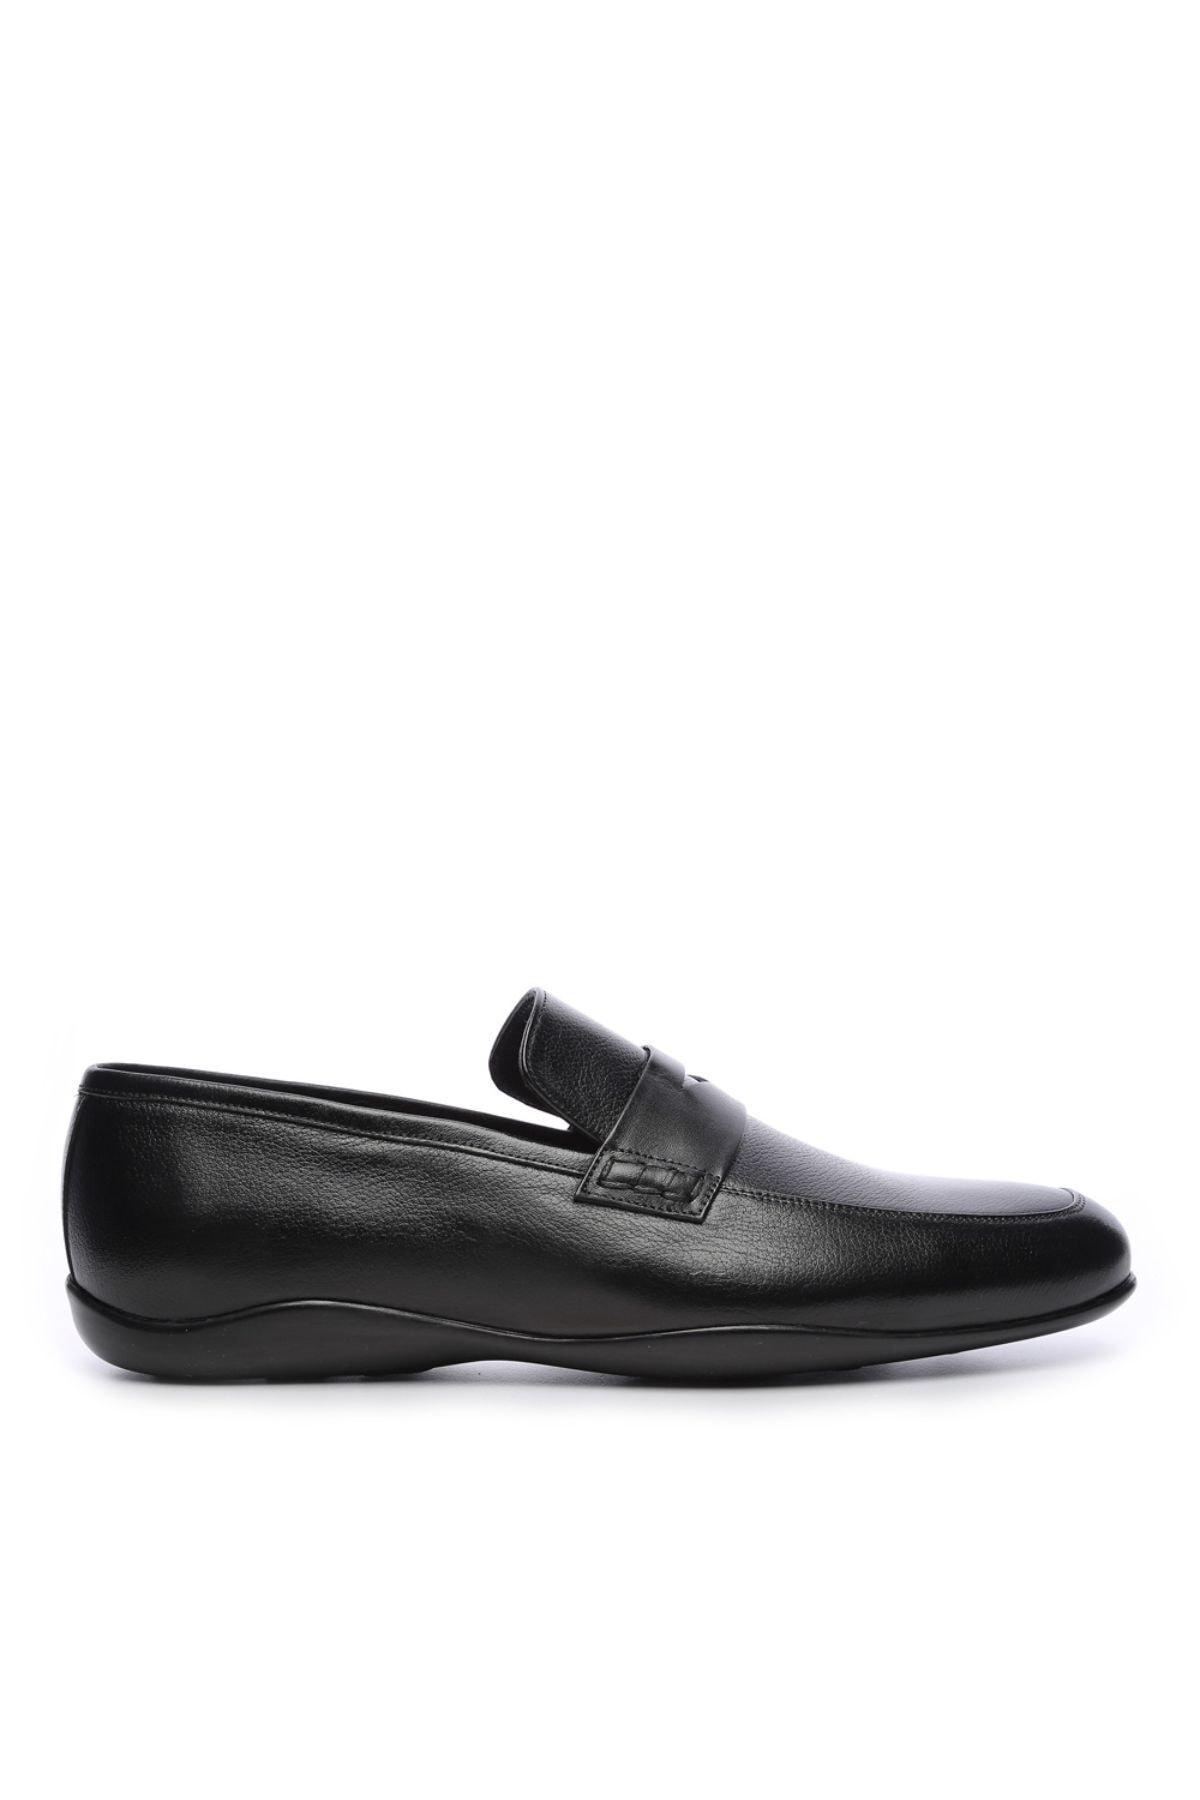 KEMAL TANCA Erkek Derı Loafer Ayakkabı 183 13807 HTA ERK AYK Y19 1